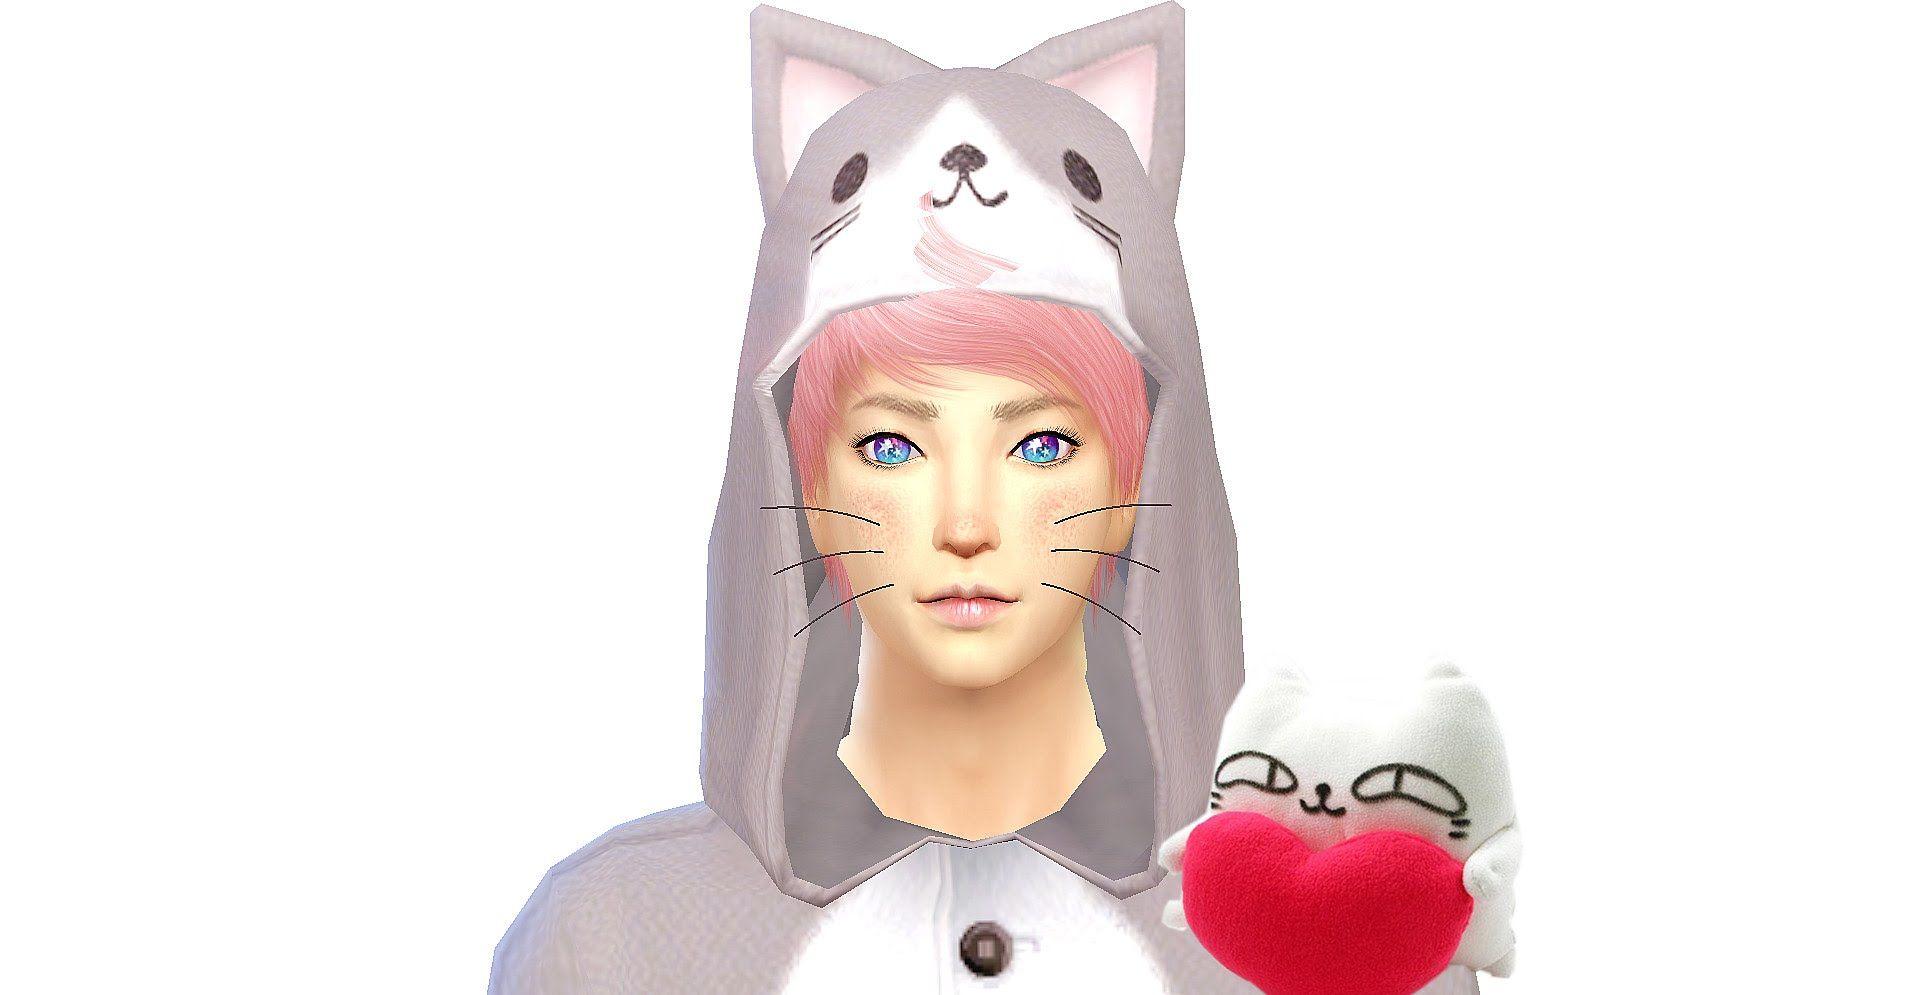 Sims 4 Erstelle Einen Sim Kawaii Boy With Download List Sims